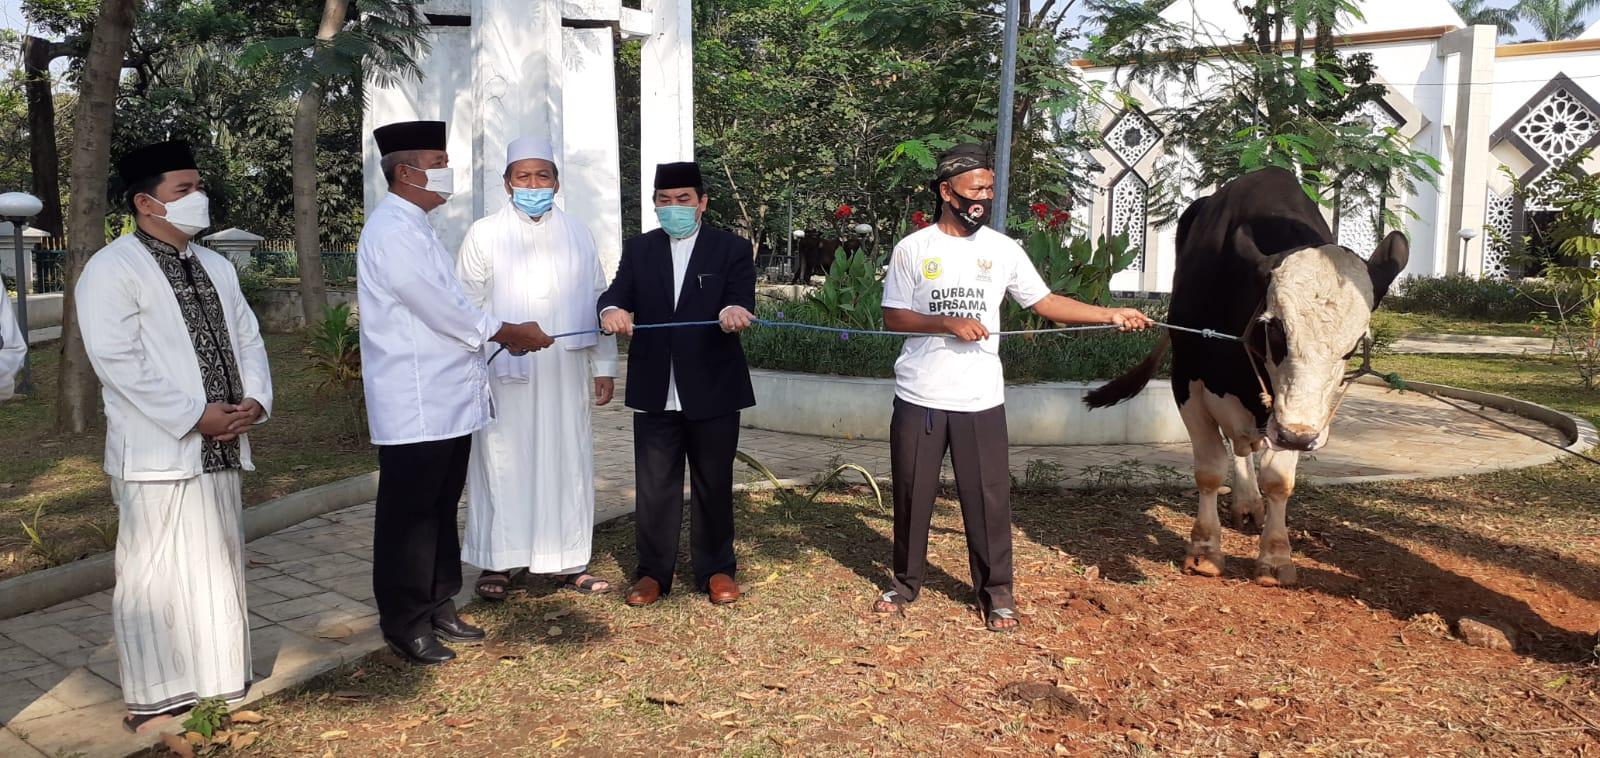 Bupati Bogor Ade Yasin Serahkan Dua Sapi Kurban Limosin ke Masjid Baitul Faizin